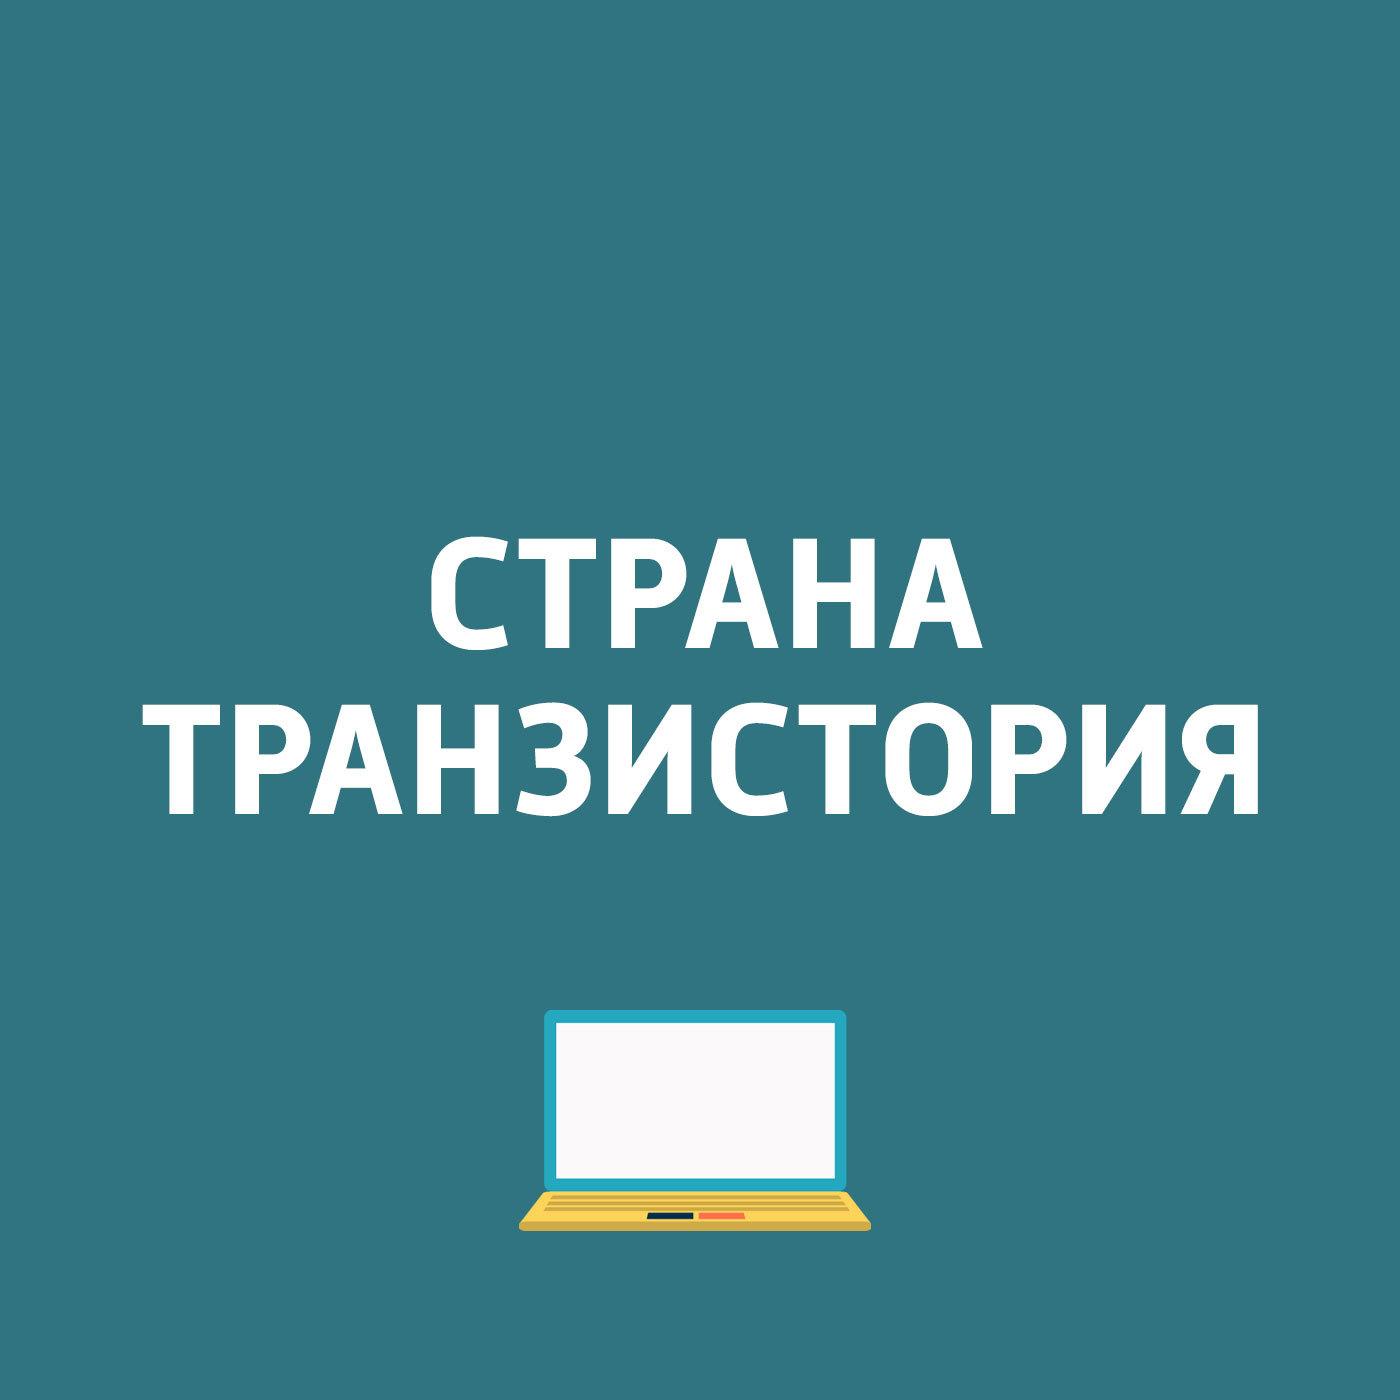 Картаев Павел Сони начала принимать предварительные заказы на проектор Xperia Touch; Telegram-бот для записи к врачу цена